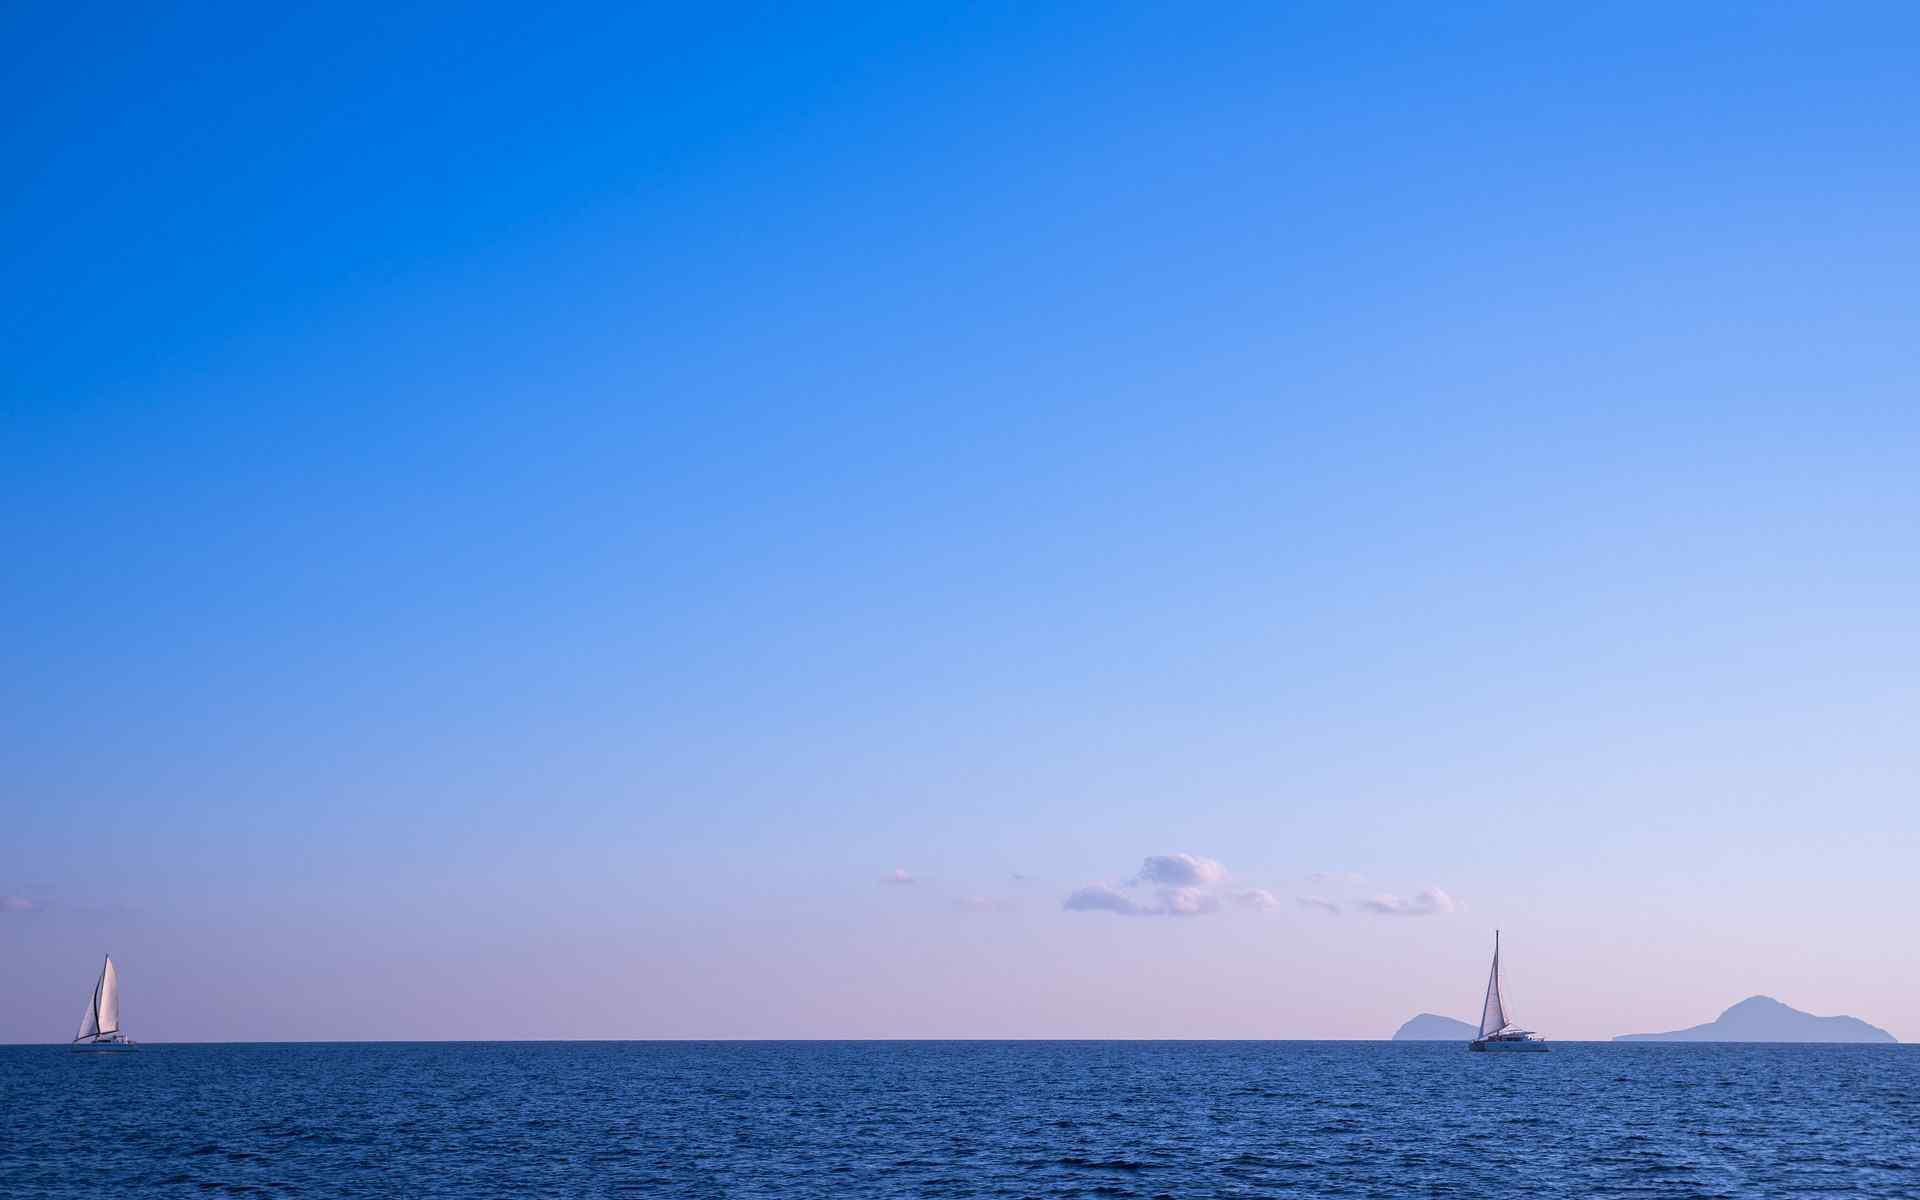 唯美的蓝色风景图片高清桌面壁纸